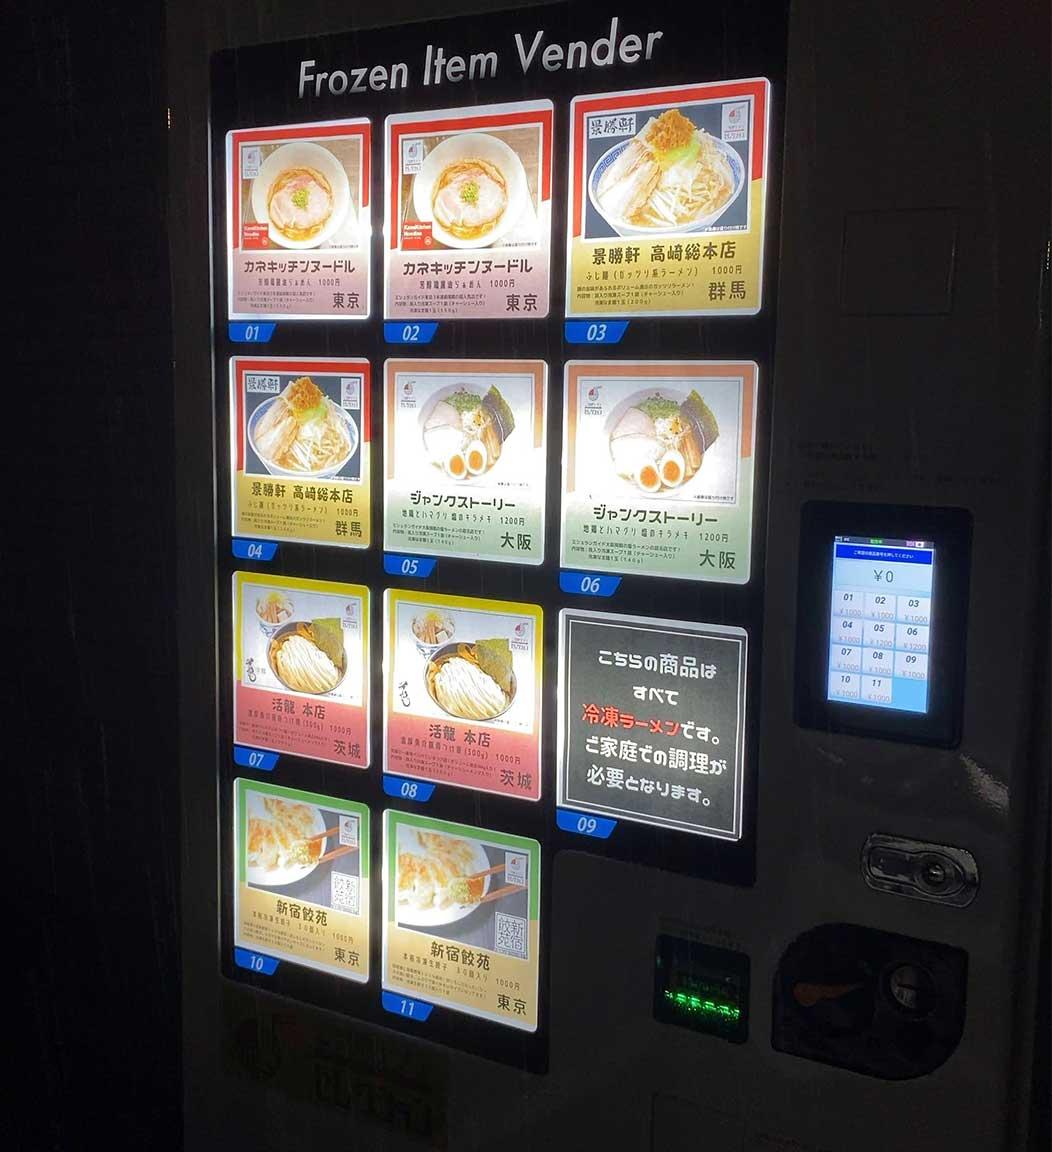 かつお商店前にあるご当地ラーメンセレクションの自販機